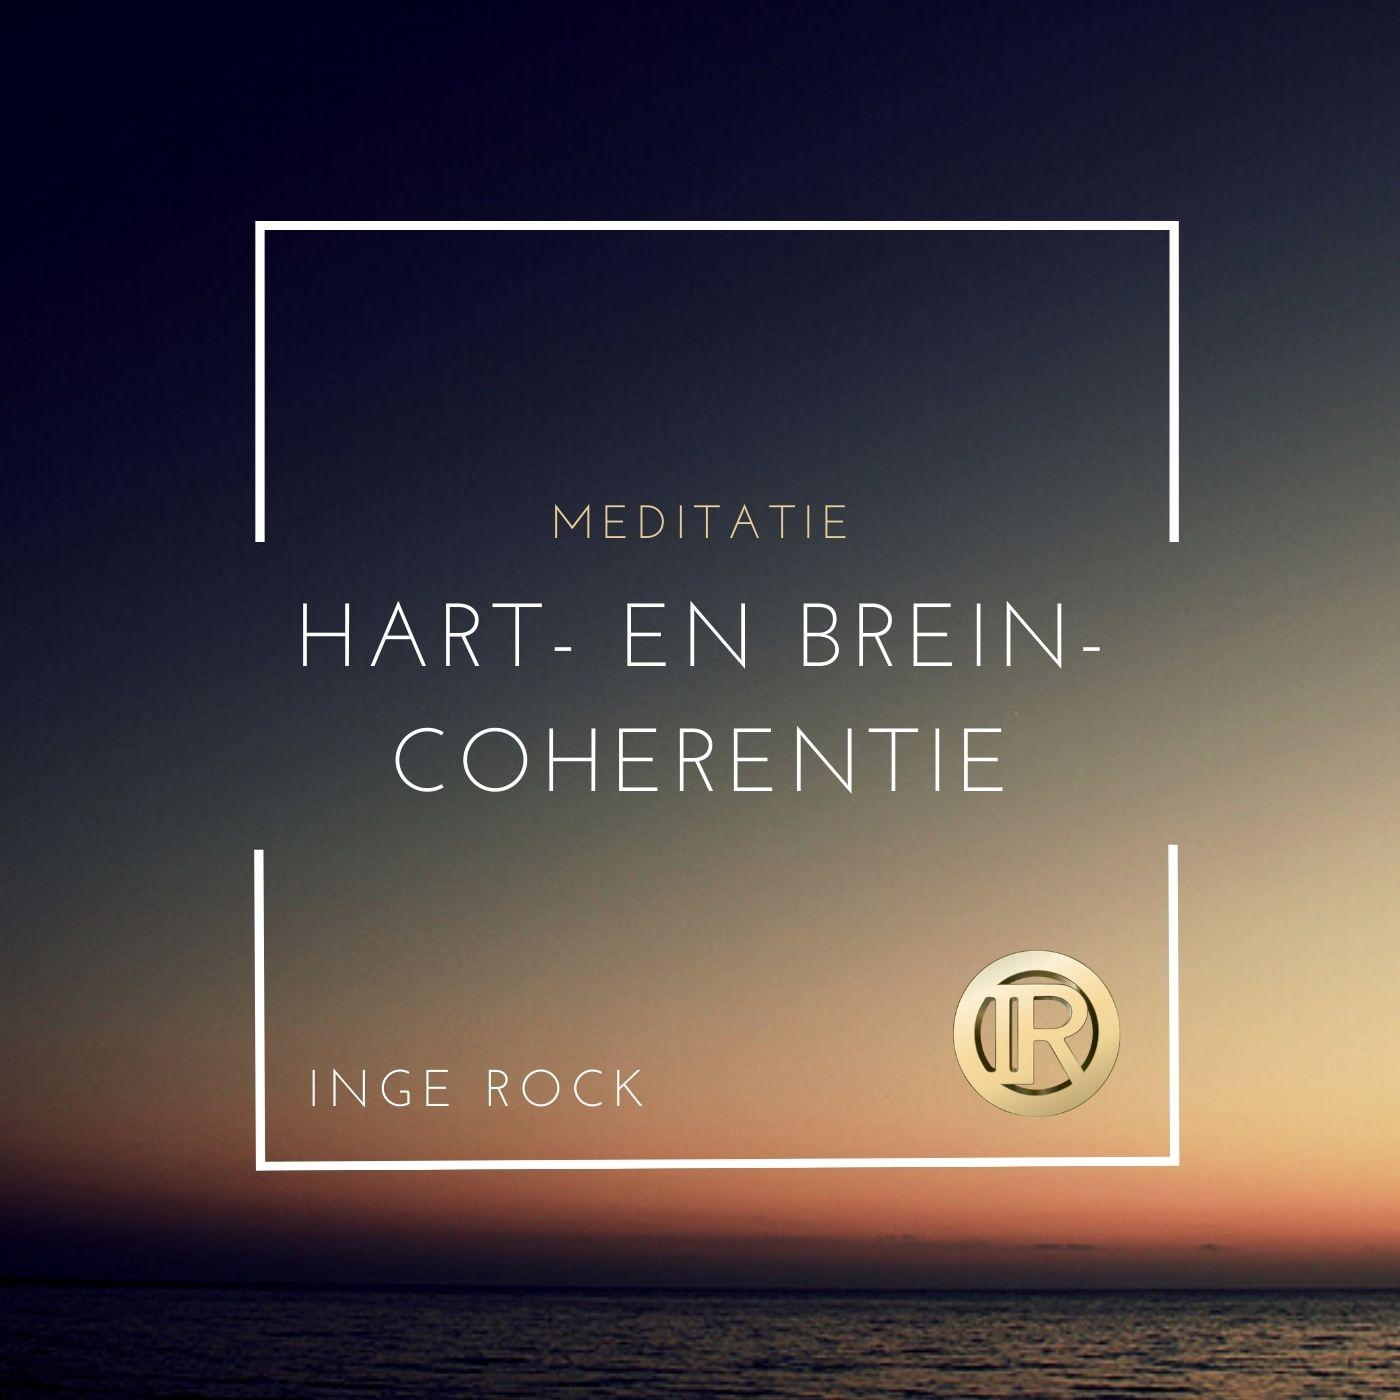 Meditatie - hart- en brein-coherentie